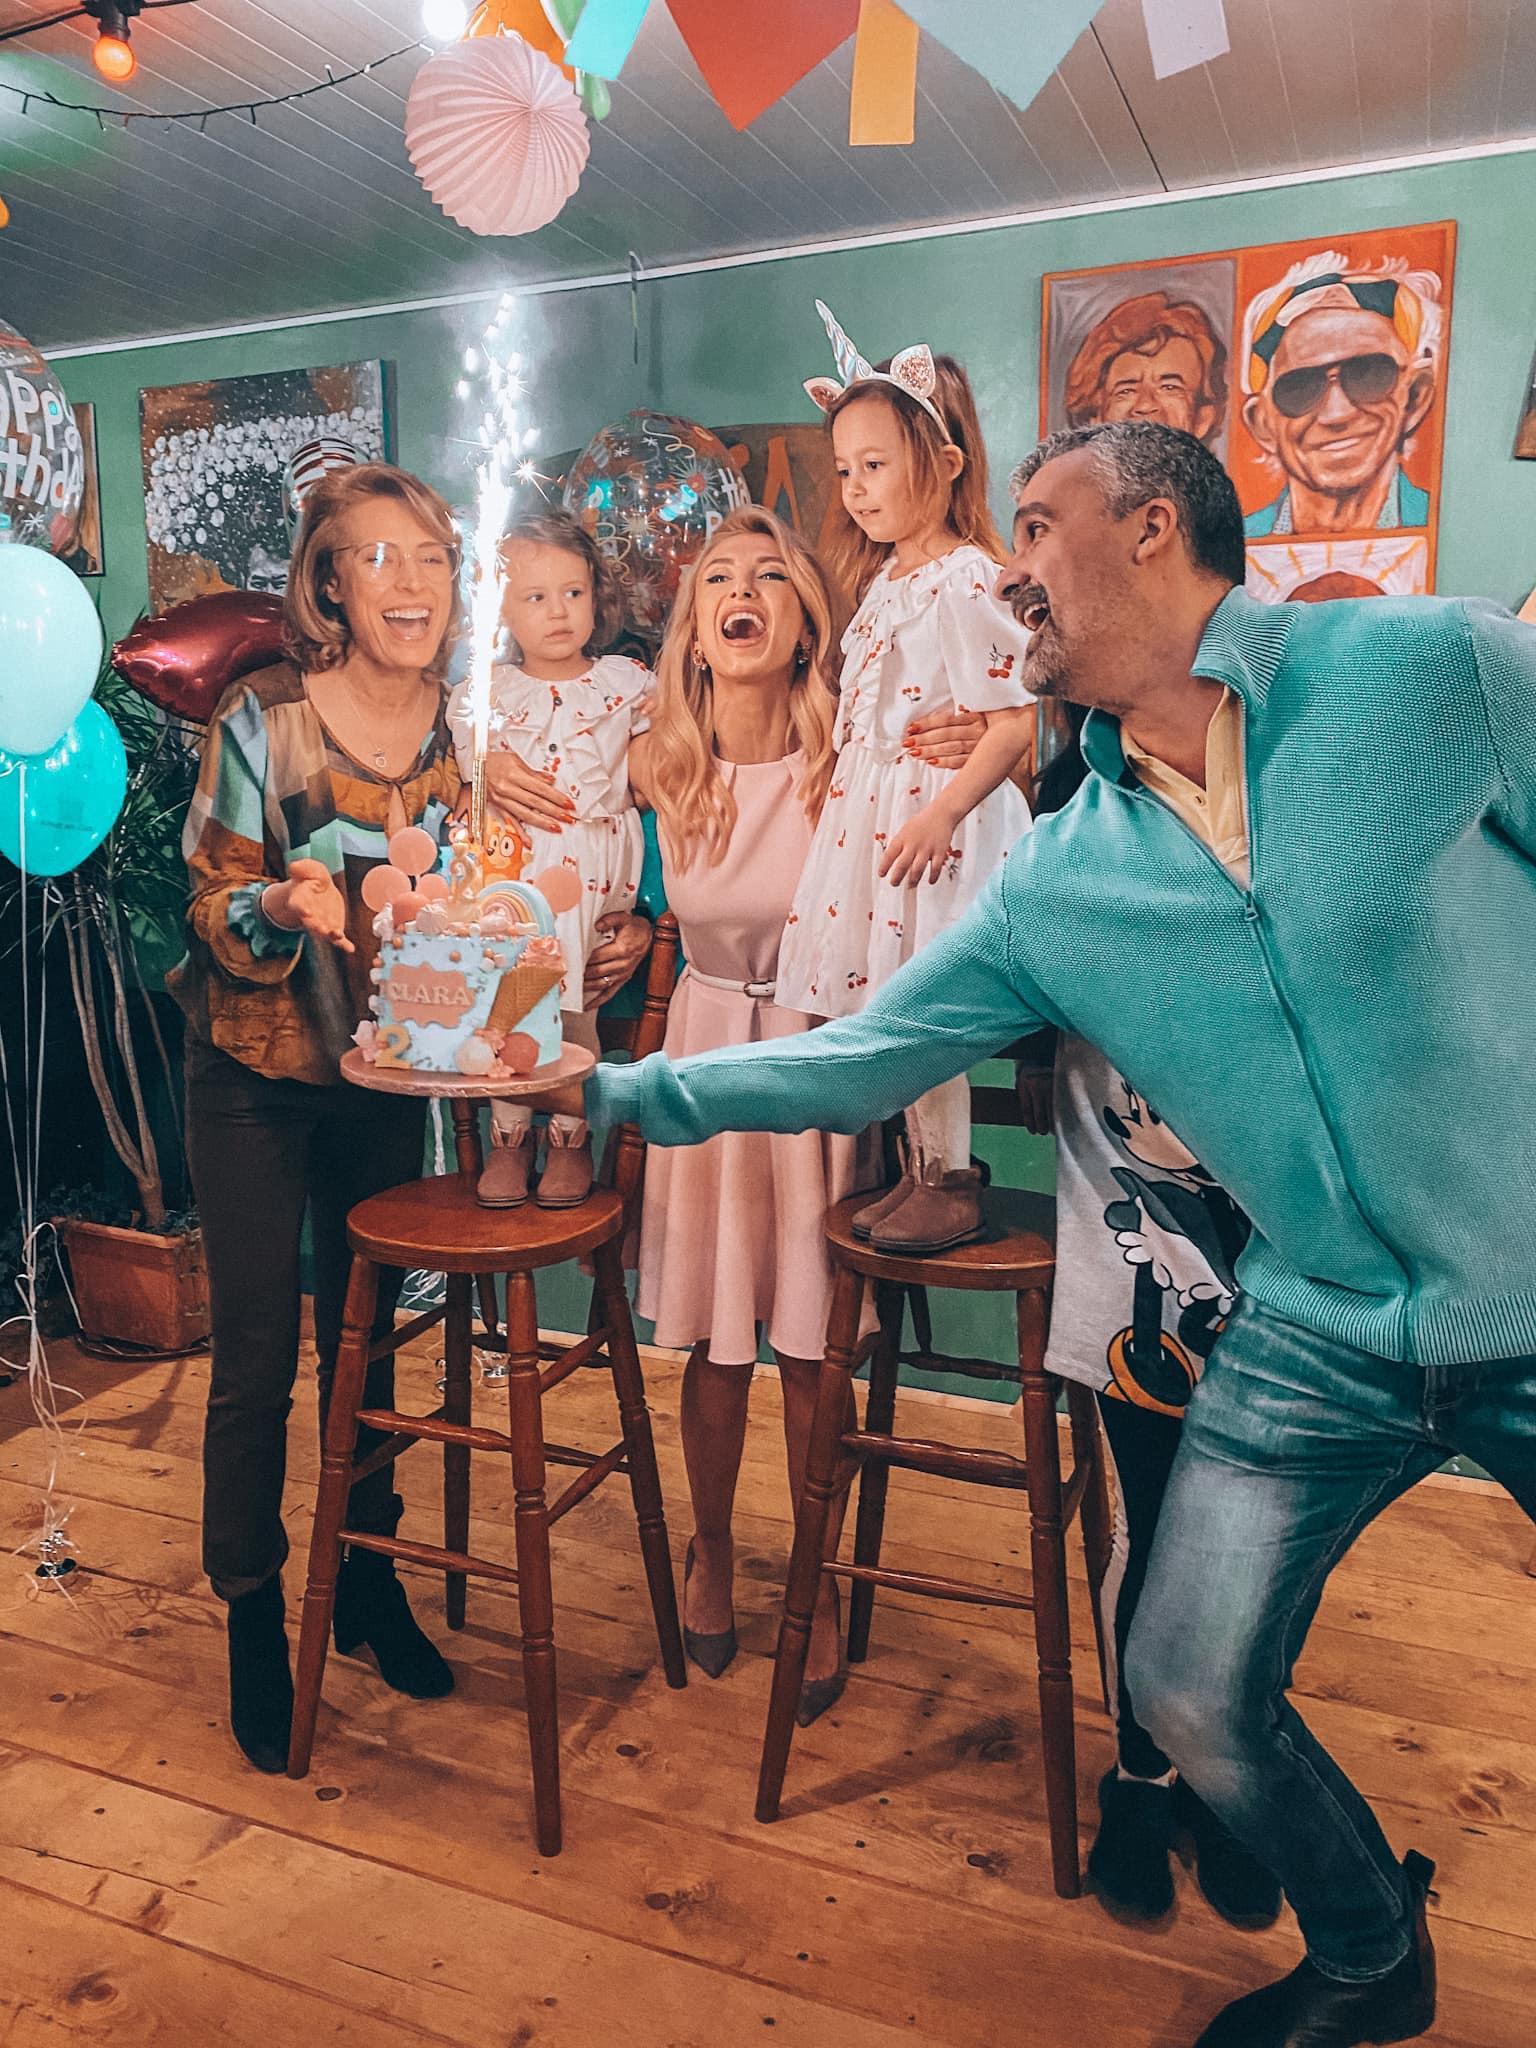 Andreea Bălan, petrecere cu surprize pentru micuța Clara. Nașii Aurelian Temișan și Monica Davidescu au fost și ei prezenți